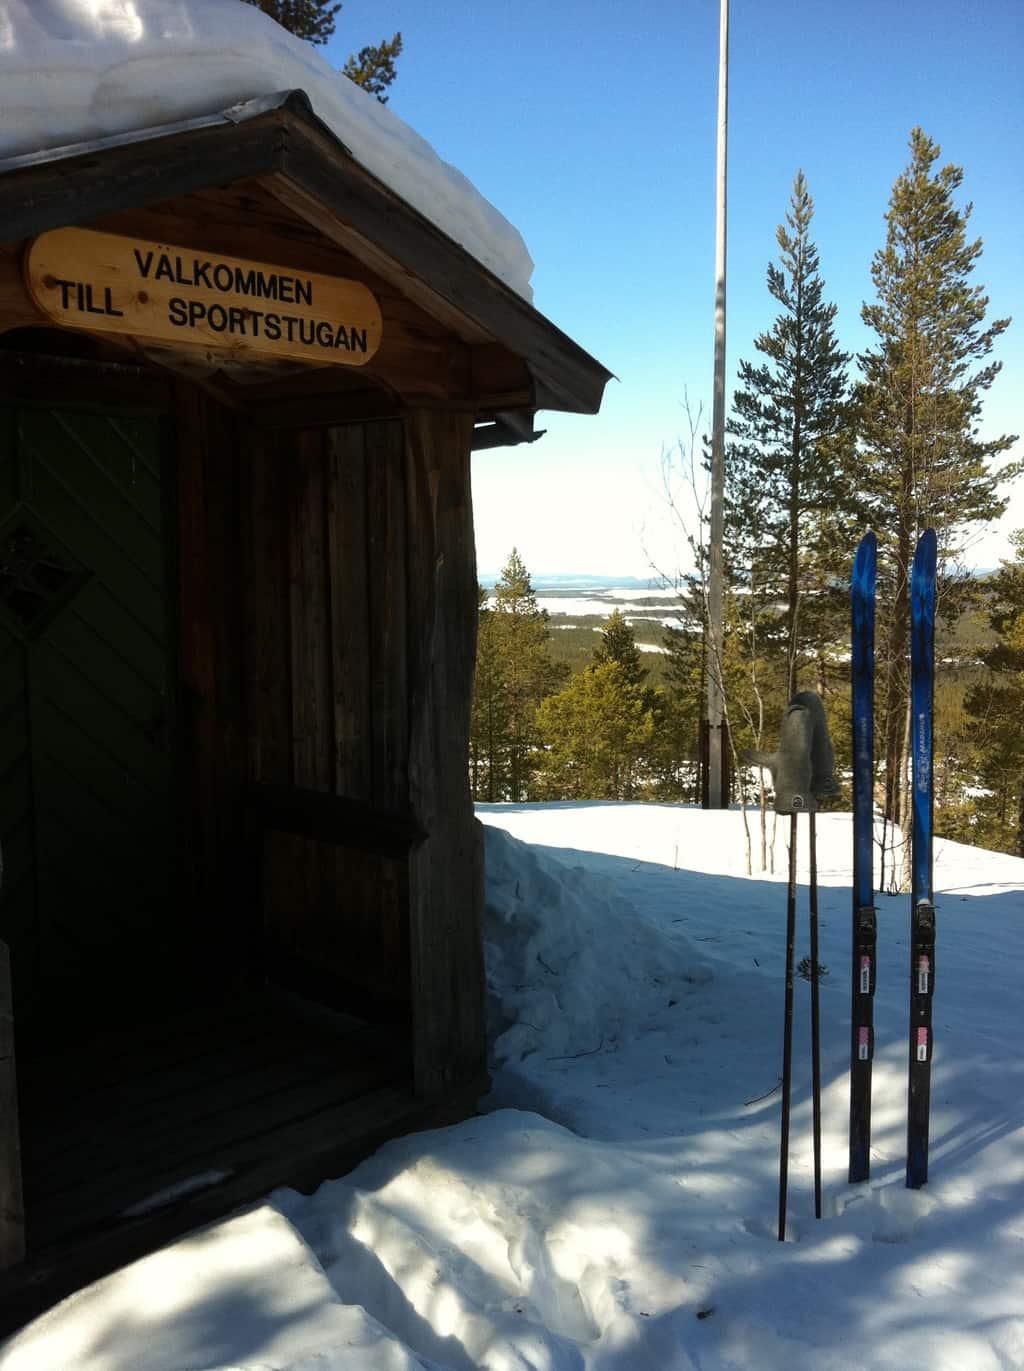 """Sportstugan är ett annat utflyktsmål, populärt värre på 40-, 50- och 60-talen där det skidades för fullt i """"Lill-stupet"""" och """"Stor-stupet"""" och varm korv med bröd och lingonsaft att gotta sig med därinne i stugan. Foto: Lars-Arne Haldosén"""